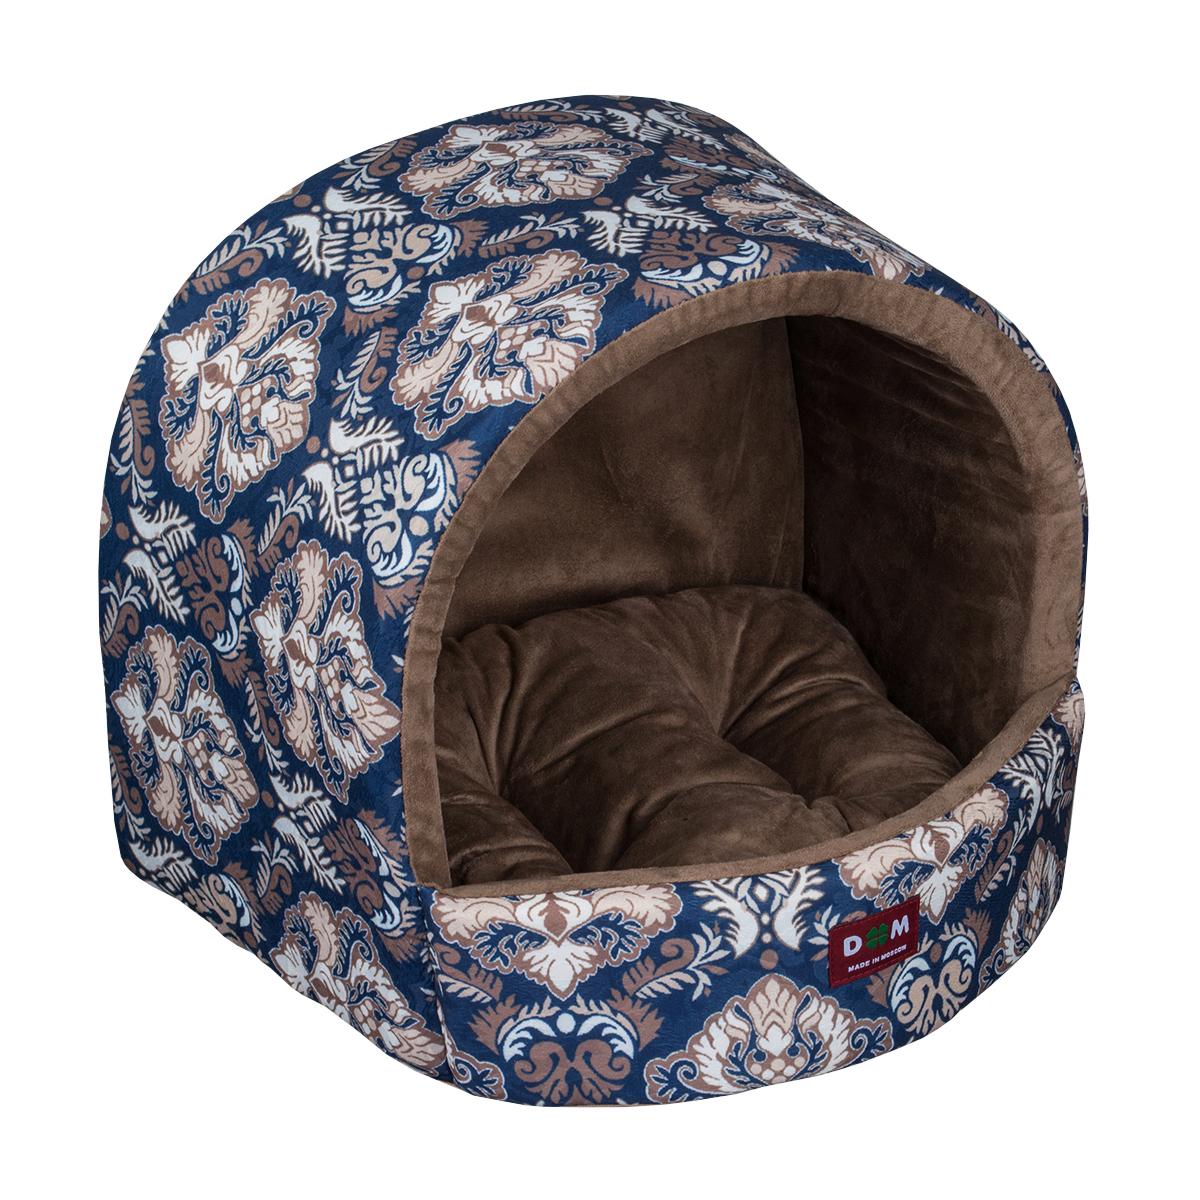 Домик для собак Dogmoda Барон, цвет: синий, бежевый, коричневыйDM-160273Домик Dogmoda Барон обязательно понравится вашему питомцу. Он предназначен для собак и изготовлен из жаккарда и искусственной замши, внутри - мягкий наполнитель из поролона и холлофайбера. Стежка надежно удерживает наполнитель внутри и не позволяет ему скатываться. Домик очень удобный и уютный, он оснащен мягкой съемной подстилкой. Ваш любимец сразу же захочет забраться внутрь, там он сможет отдохнуть и спрятаться. Компактные размеры позволят поместить домик, где угодно, а приятная цветовая гамма сделает его оригинальным дополнением к любому интерьеру.